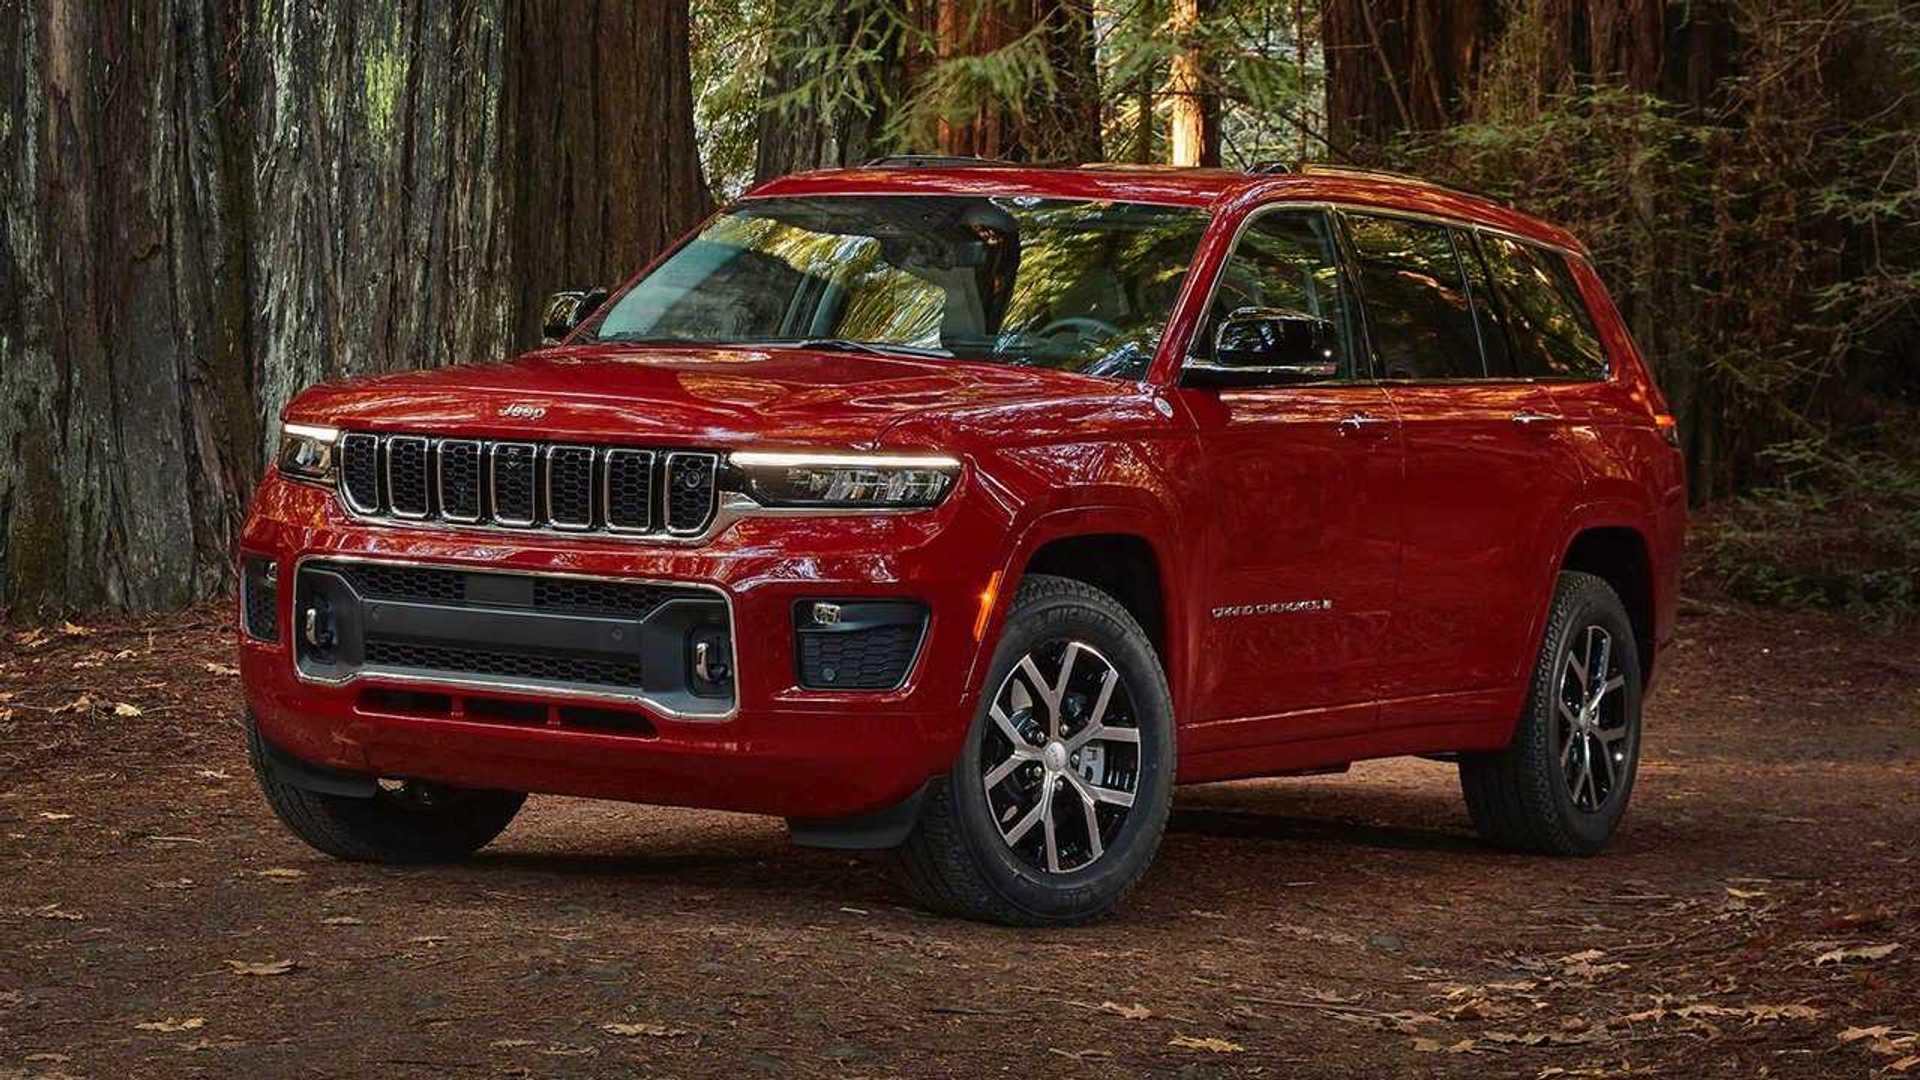 Jeep Grand Cherokee 2022 года с двумя рядами ударит по дилерам в третьем квартале 2021 года?